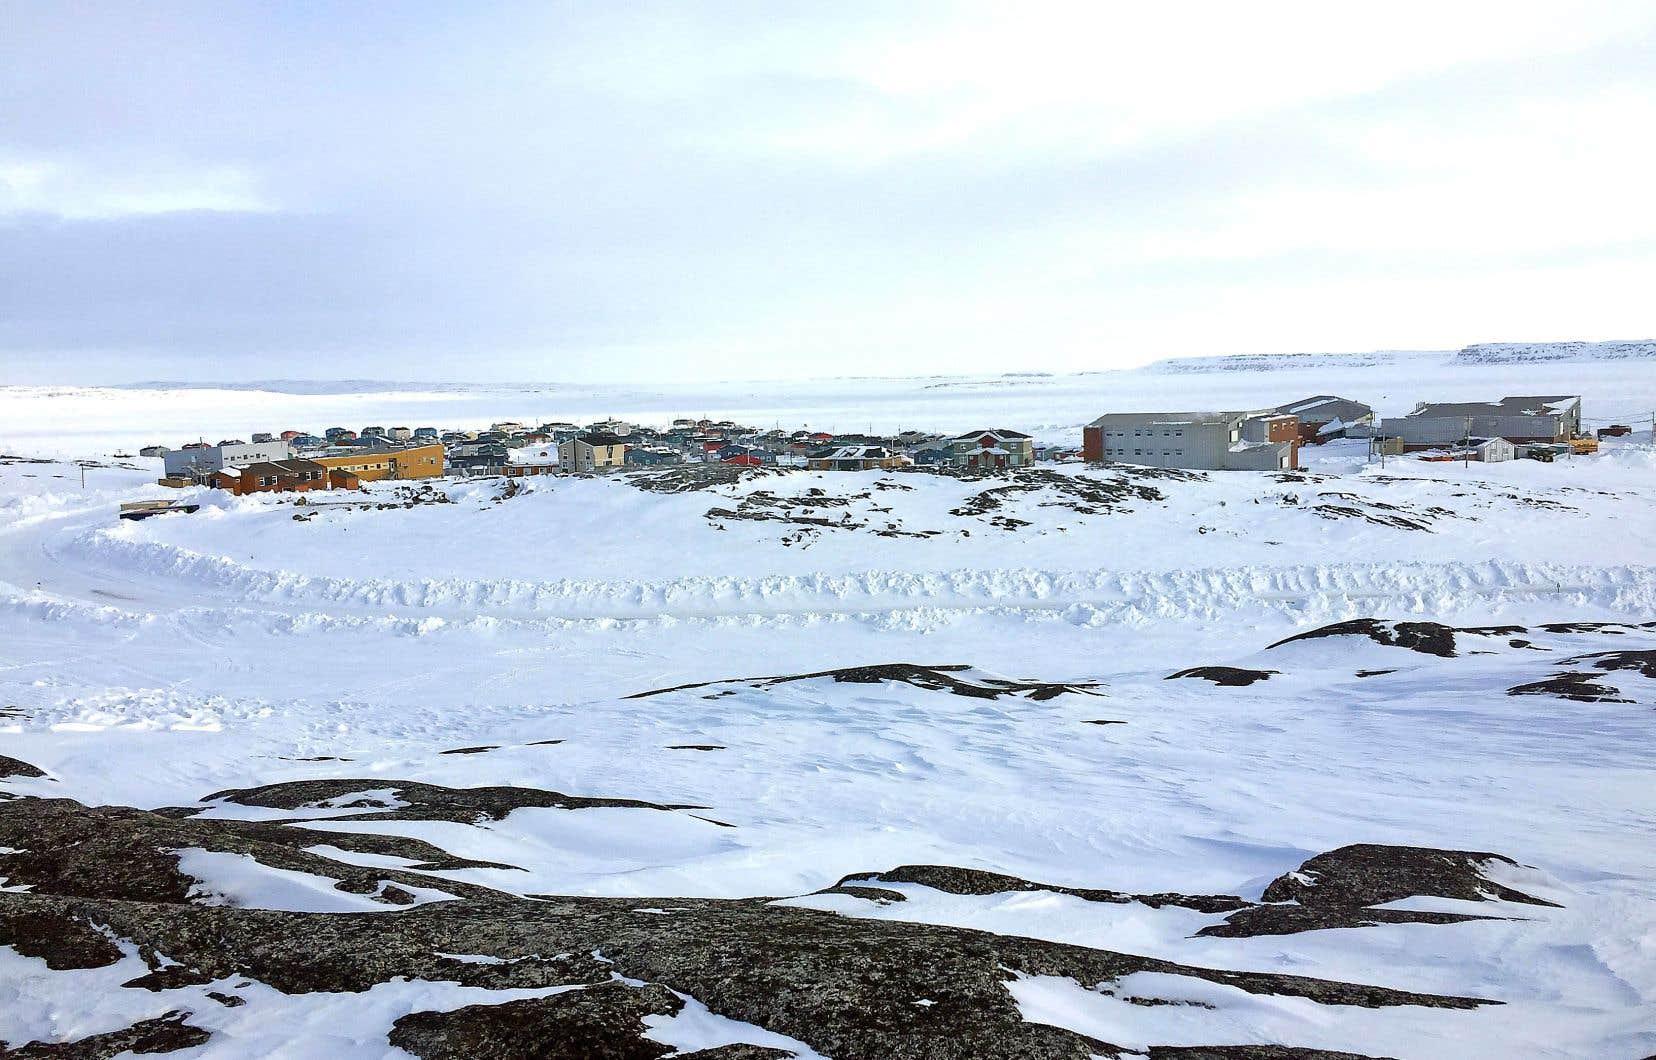 Au Nord, les risques de propagation sont accrus: l'un des problèmes majeurs est l'absence de lieux où confiner les gens en quarantaine, reconnaît Jennifer Munick, présidente de l'administration régionale Kativik.